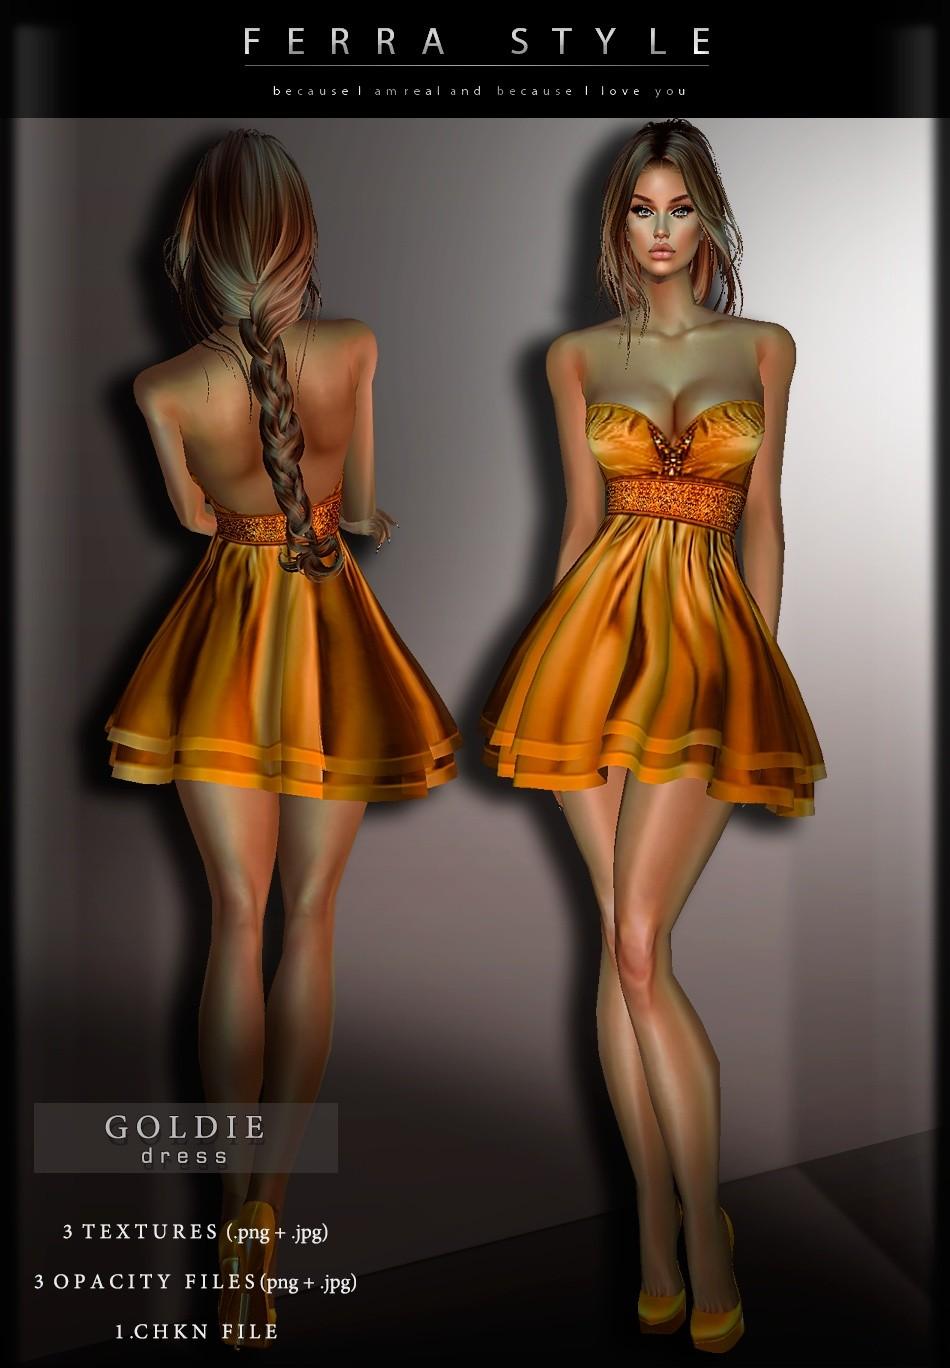 :: GOLDIE DRESS ::